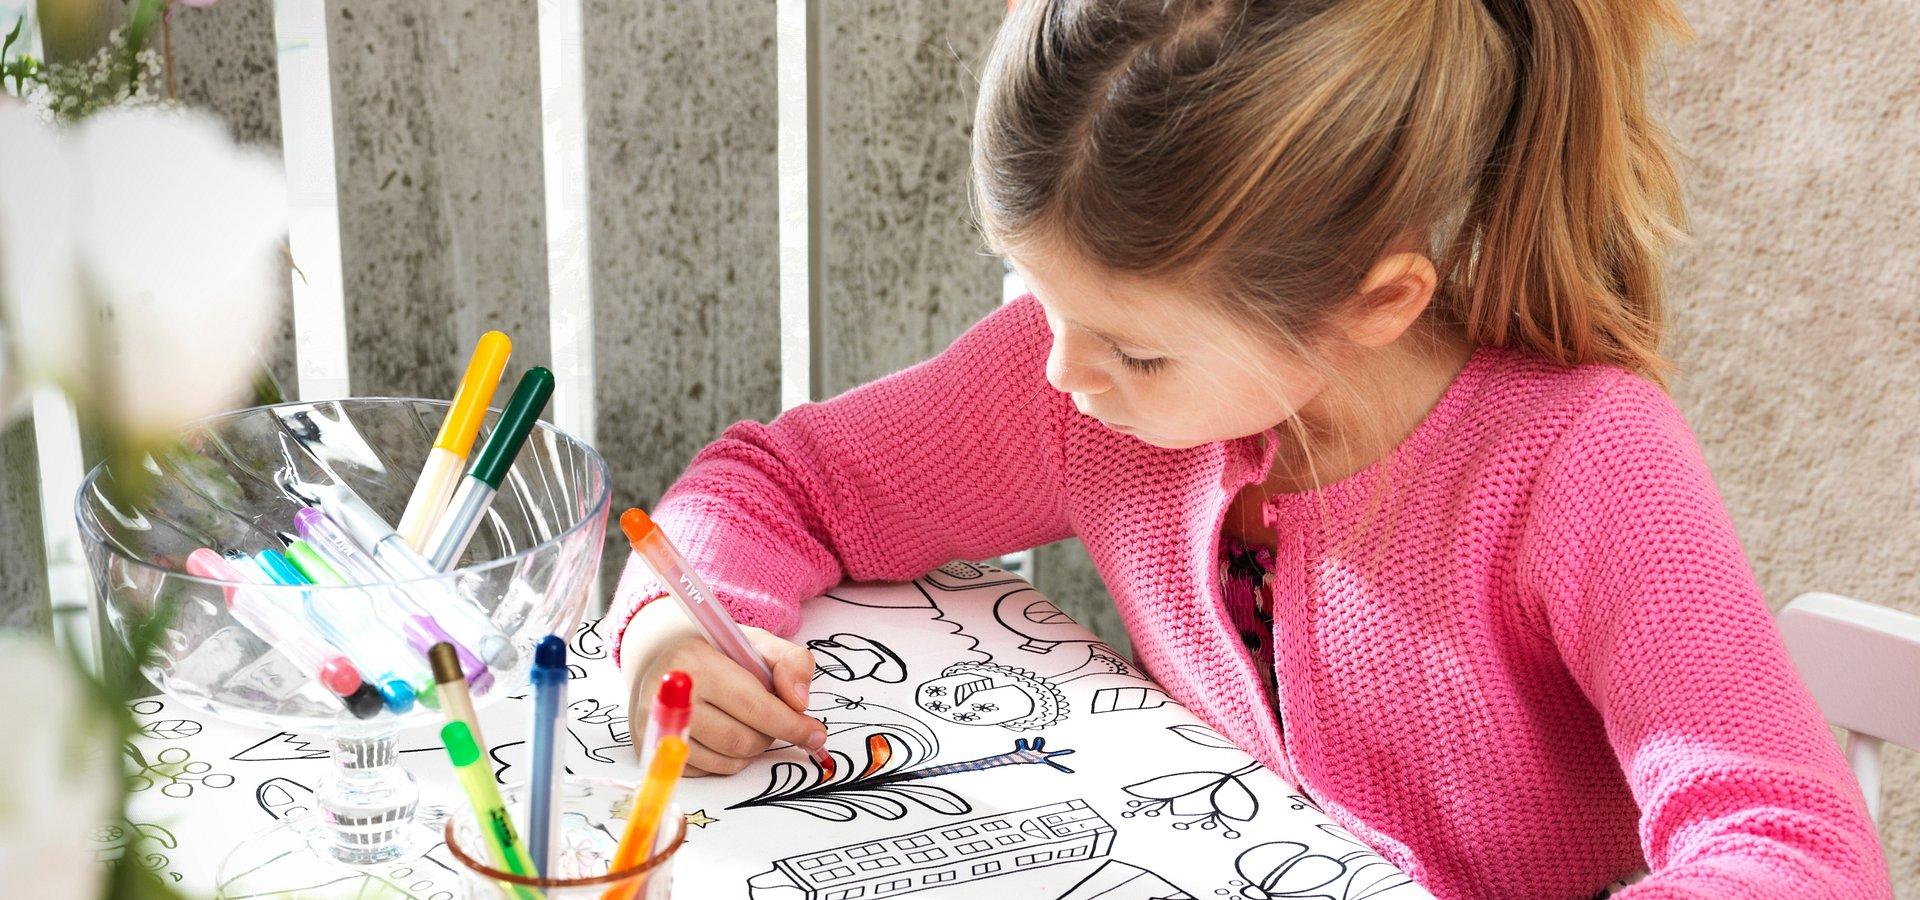 """IKEA rozstrzygnęła trzecią edycję konkursu grantowego """"Zabawa to poważna sprawa"""". Wesprze edukację ekologiczną dzieci i młodzieży"""